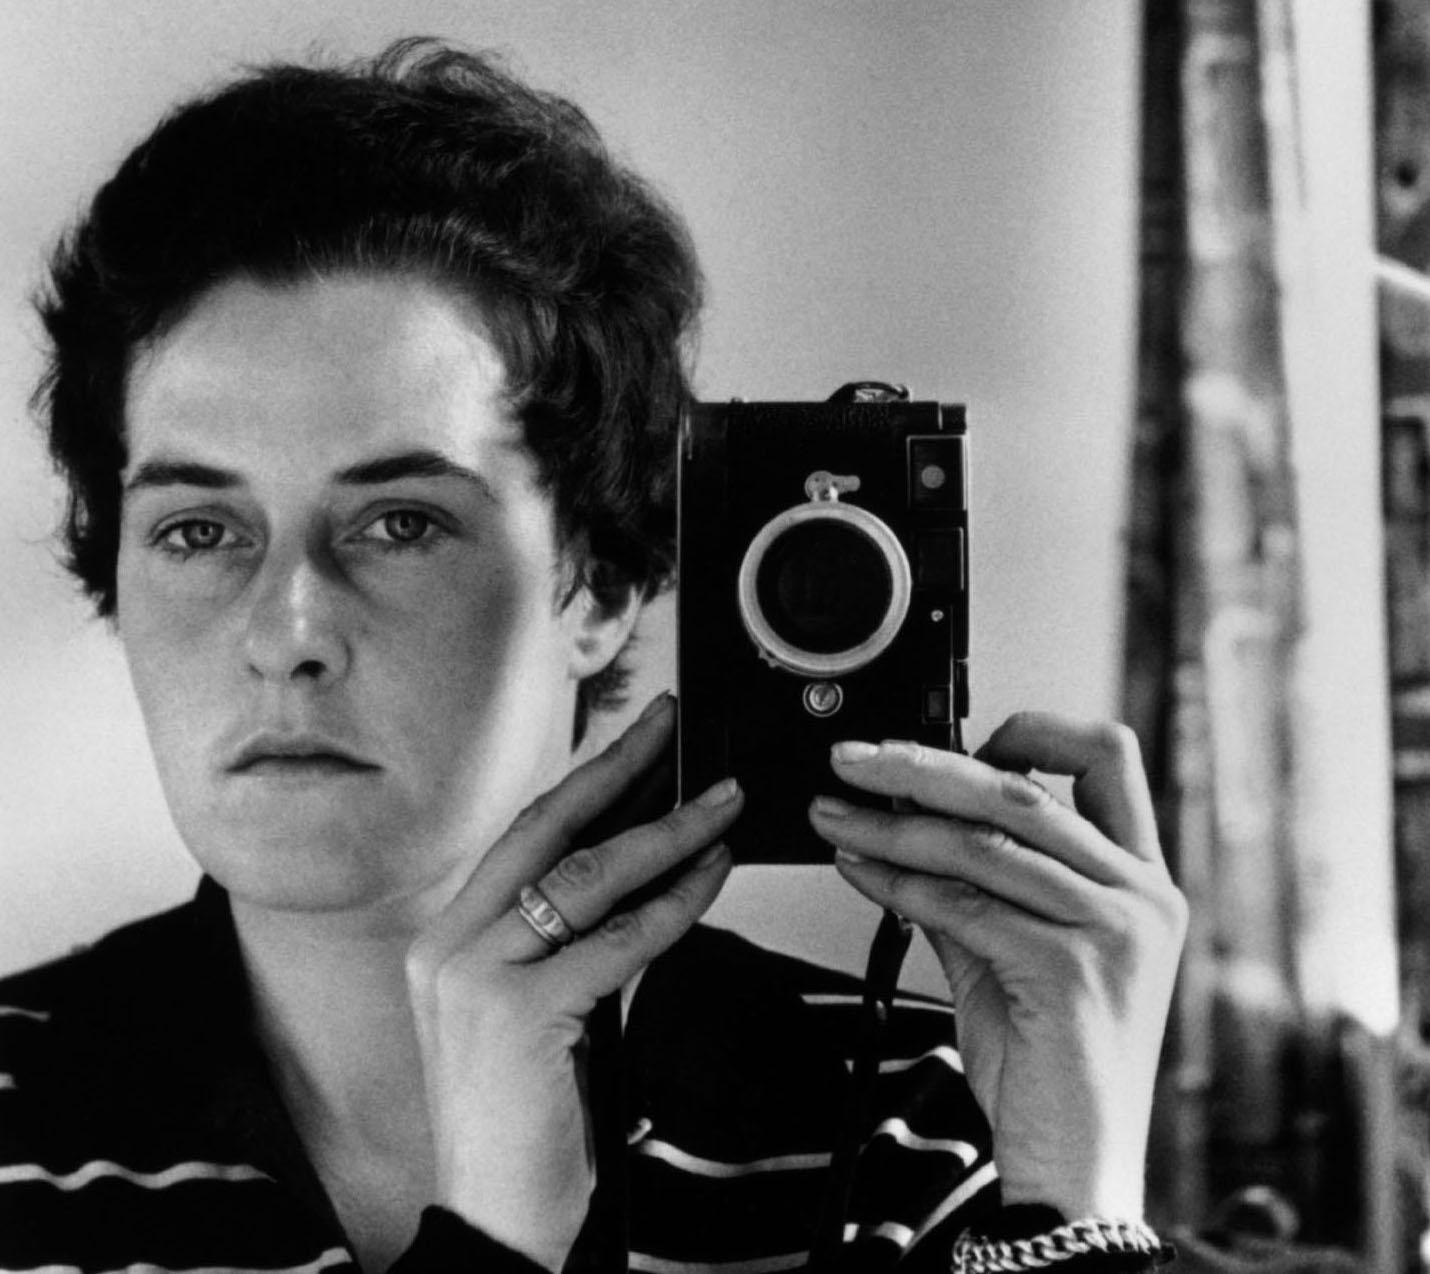 La fotografia come ricerca di una verità interiore. A Milano, la retrospettiva dedicata a Inge Morath